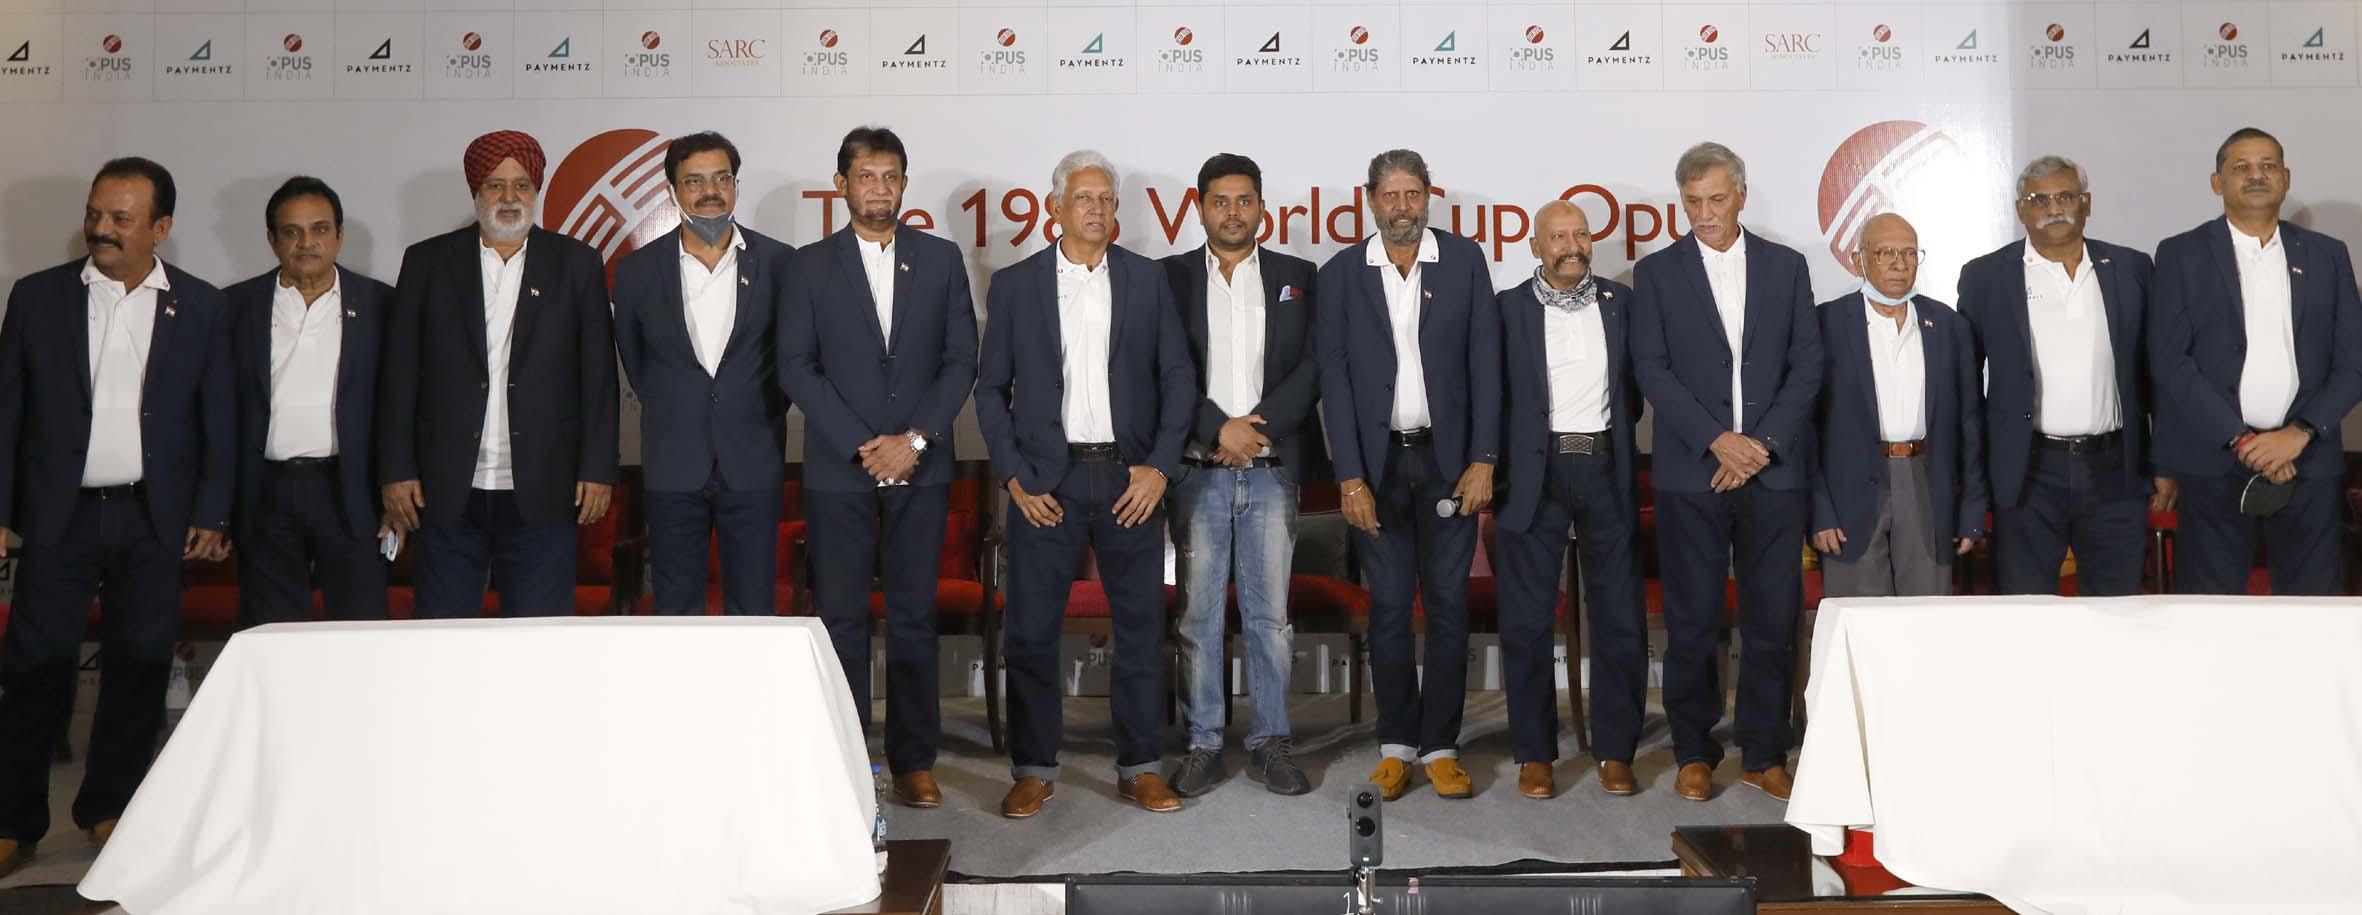 इस अवसर पर क्रिकेट जगत के दिग्गज खिलाड़ी मौजूद थे। - Dainik Bhaskar